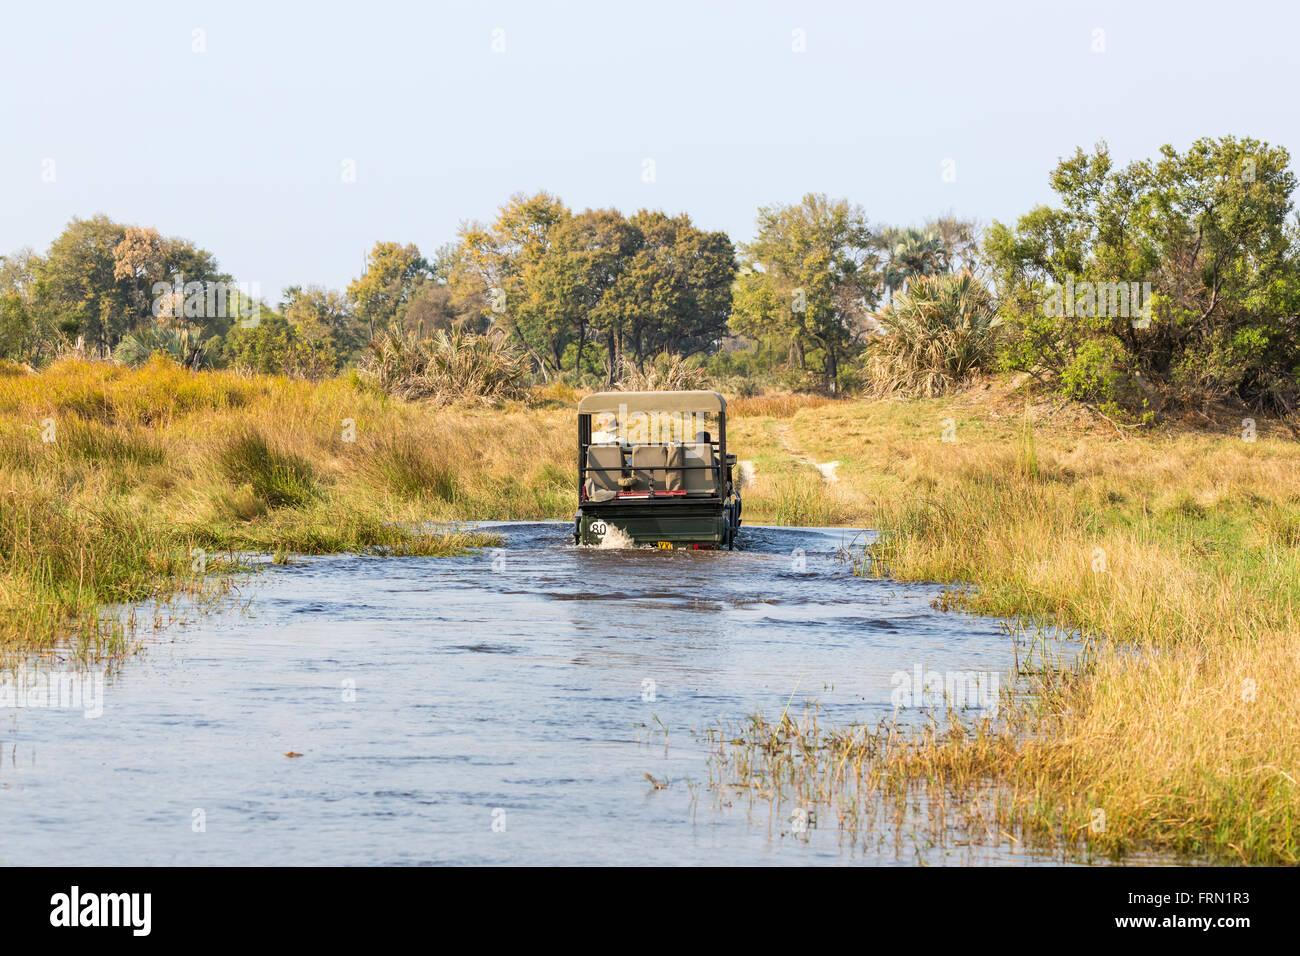 Safari en Jeep 4x4 traversant une rivière Ford, Sandibe Camp, par le Moremi, Okavango Delta, Botswana, Afrique du Sud Banque D'Images